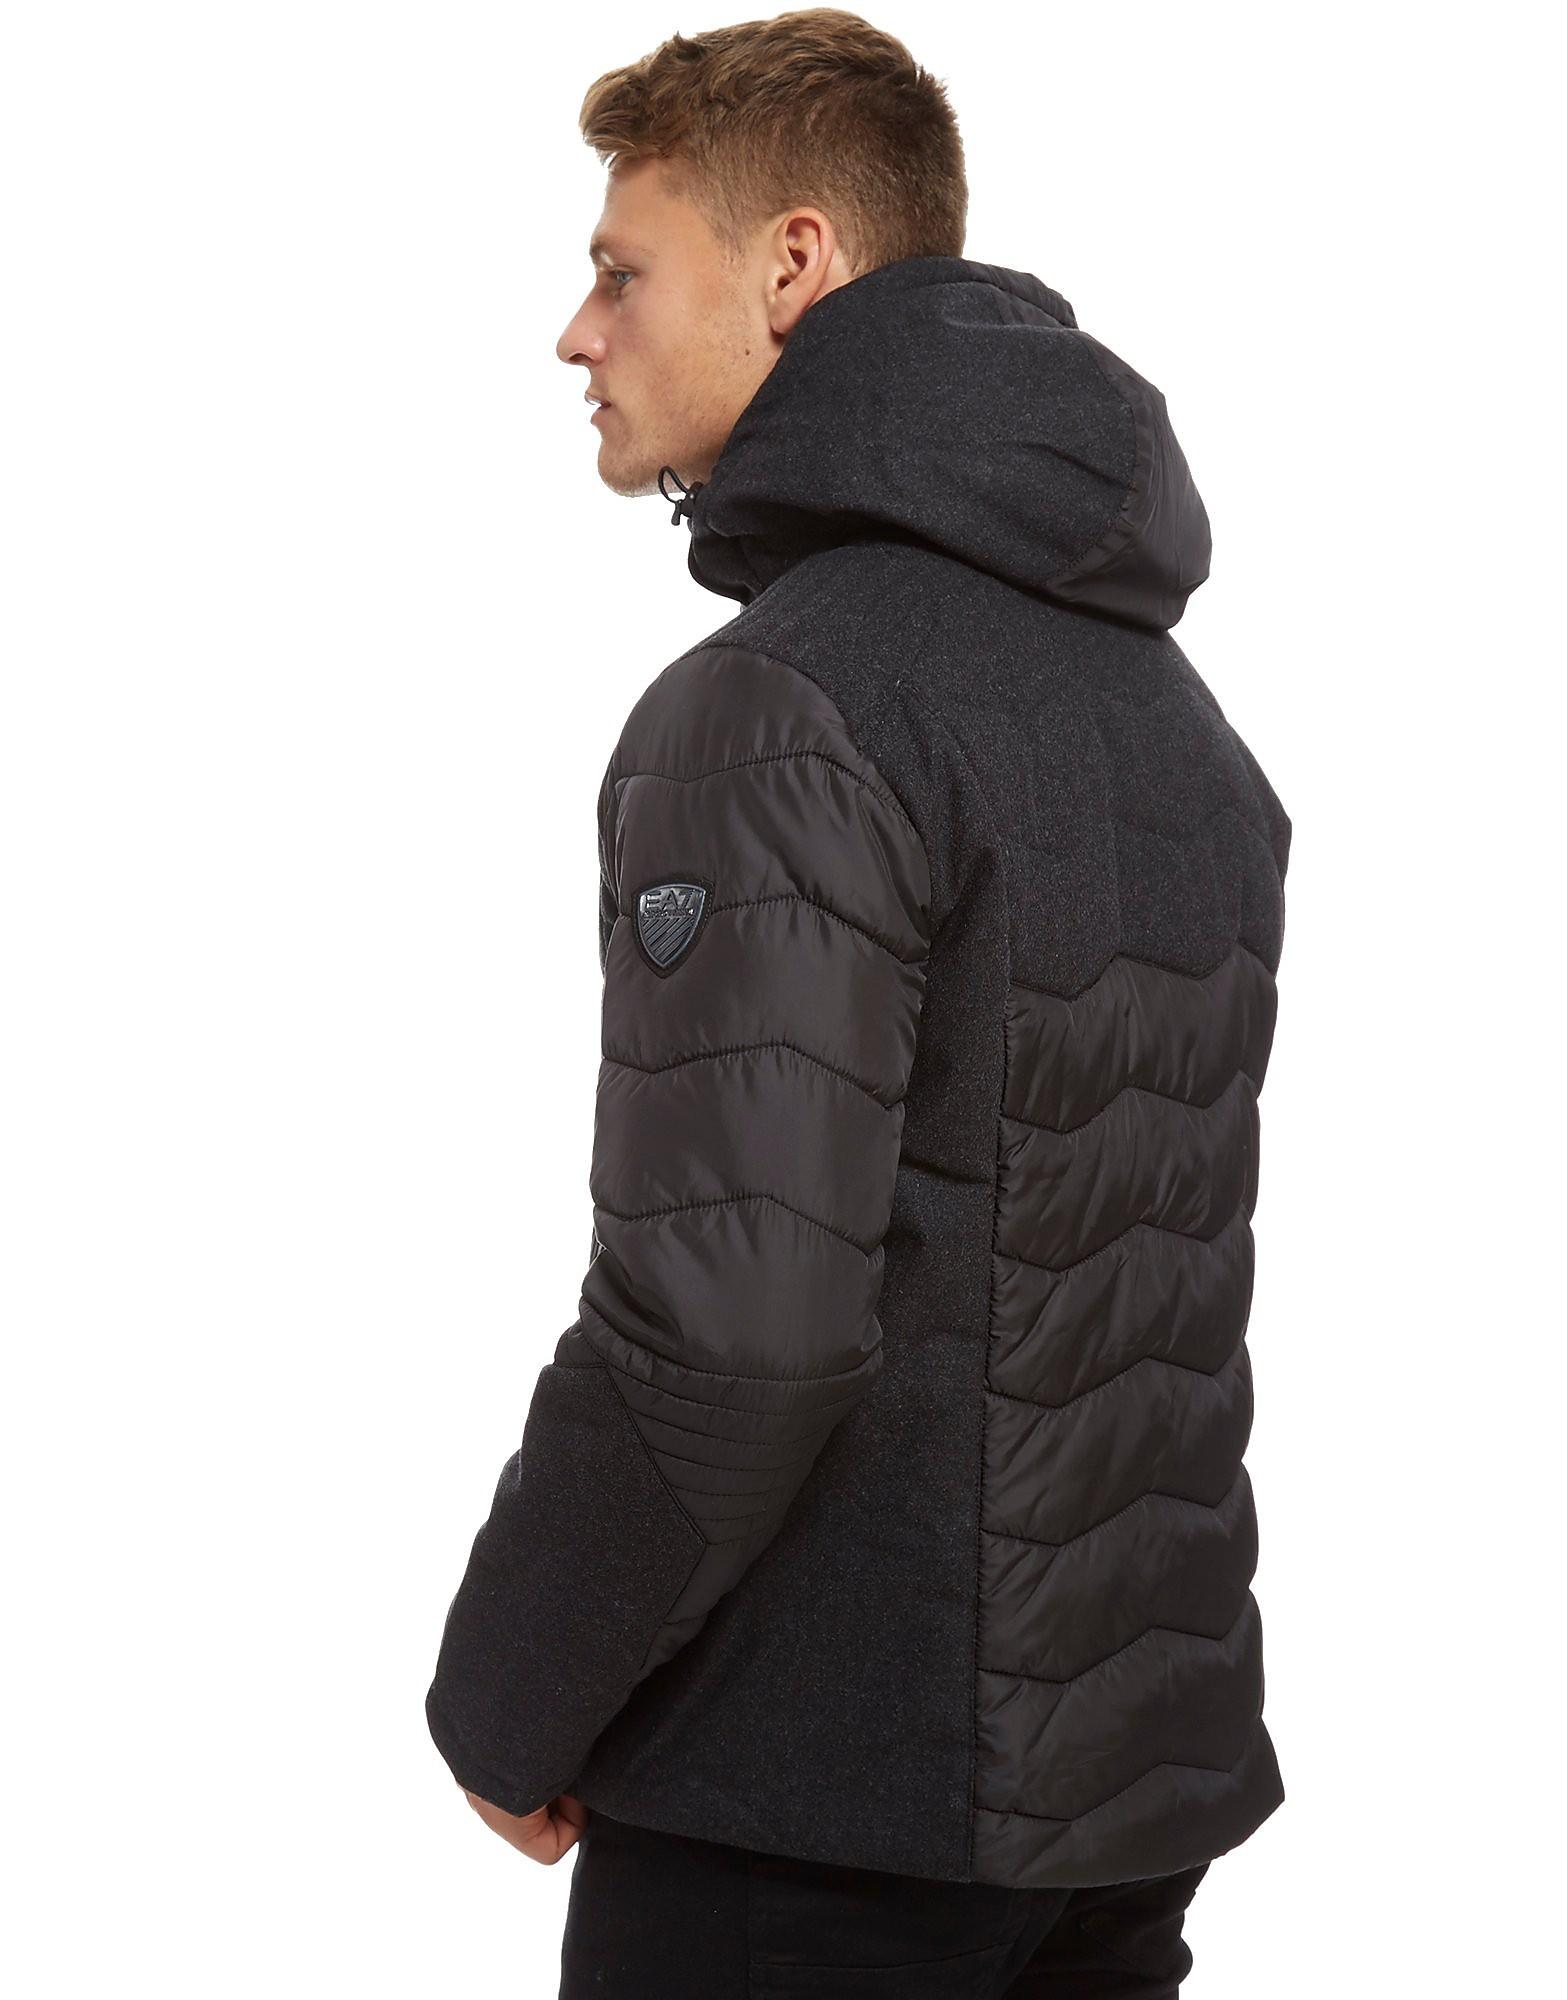 Emporio Armani EA7 Mountain Tech Jacket